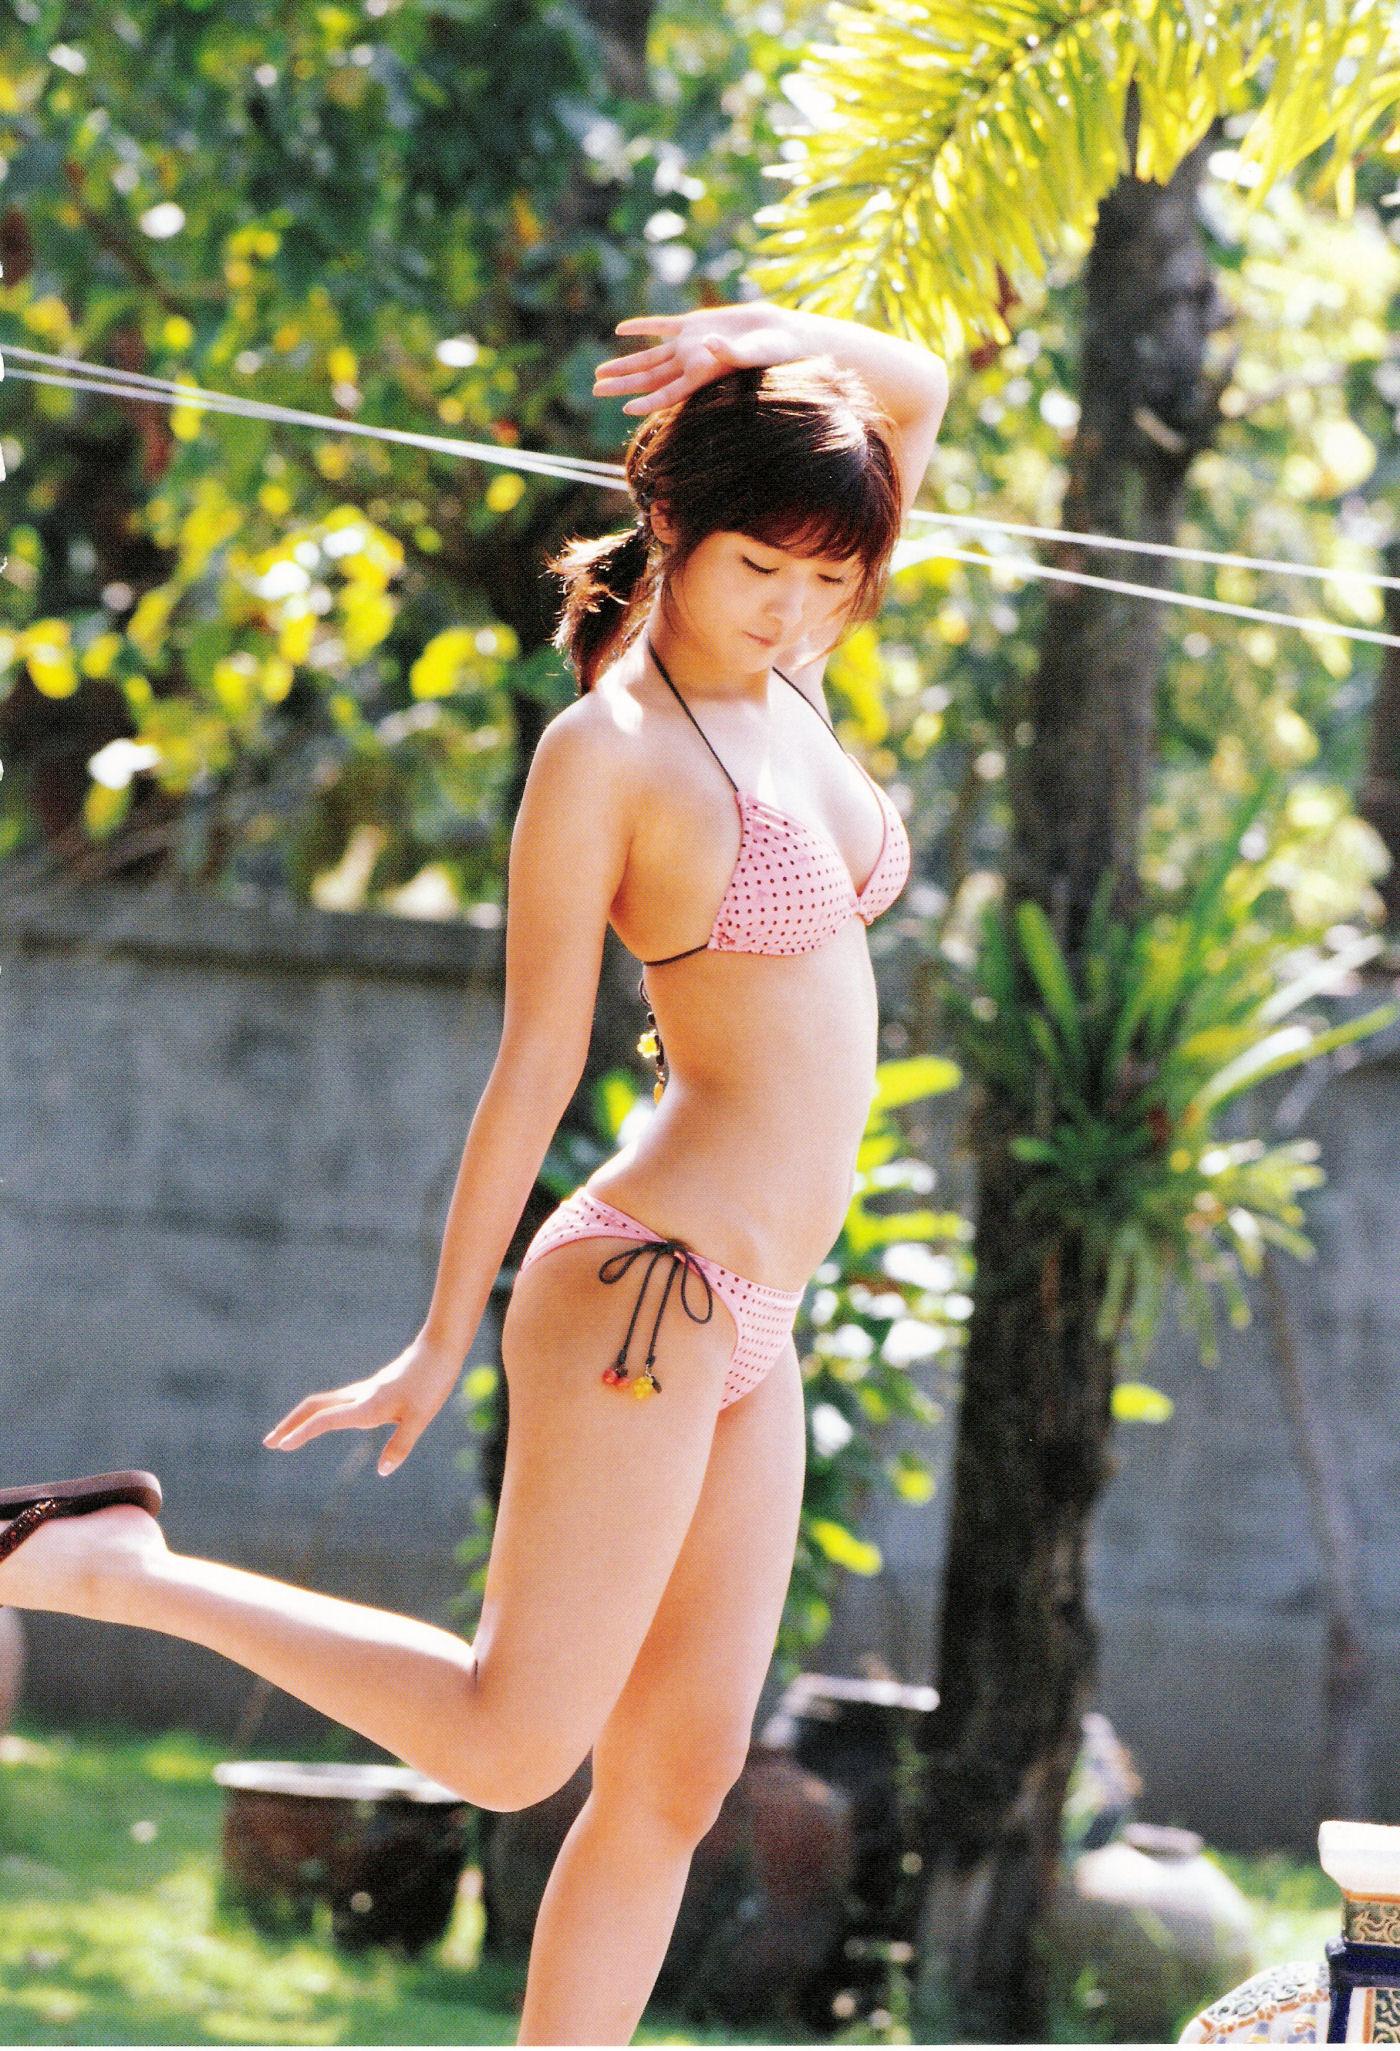 New Rika Ishikawa photobook due January 19th | Morningtime